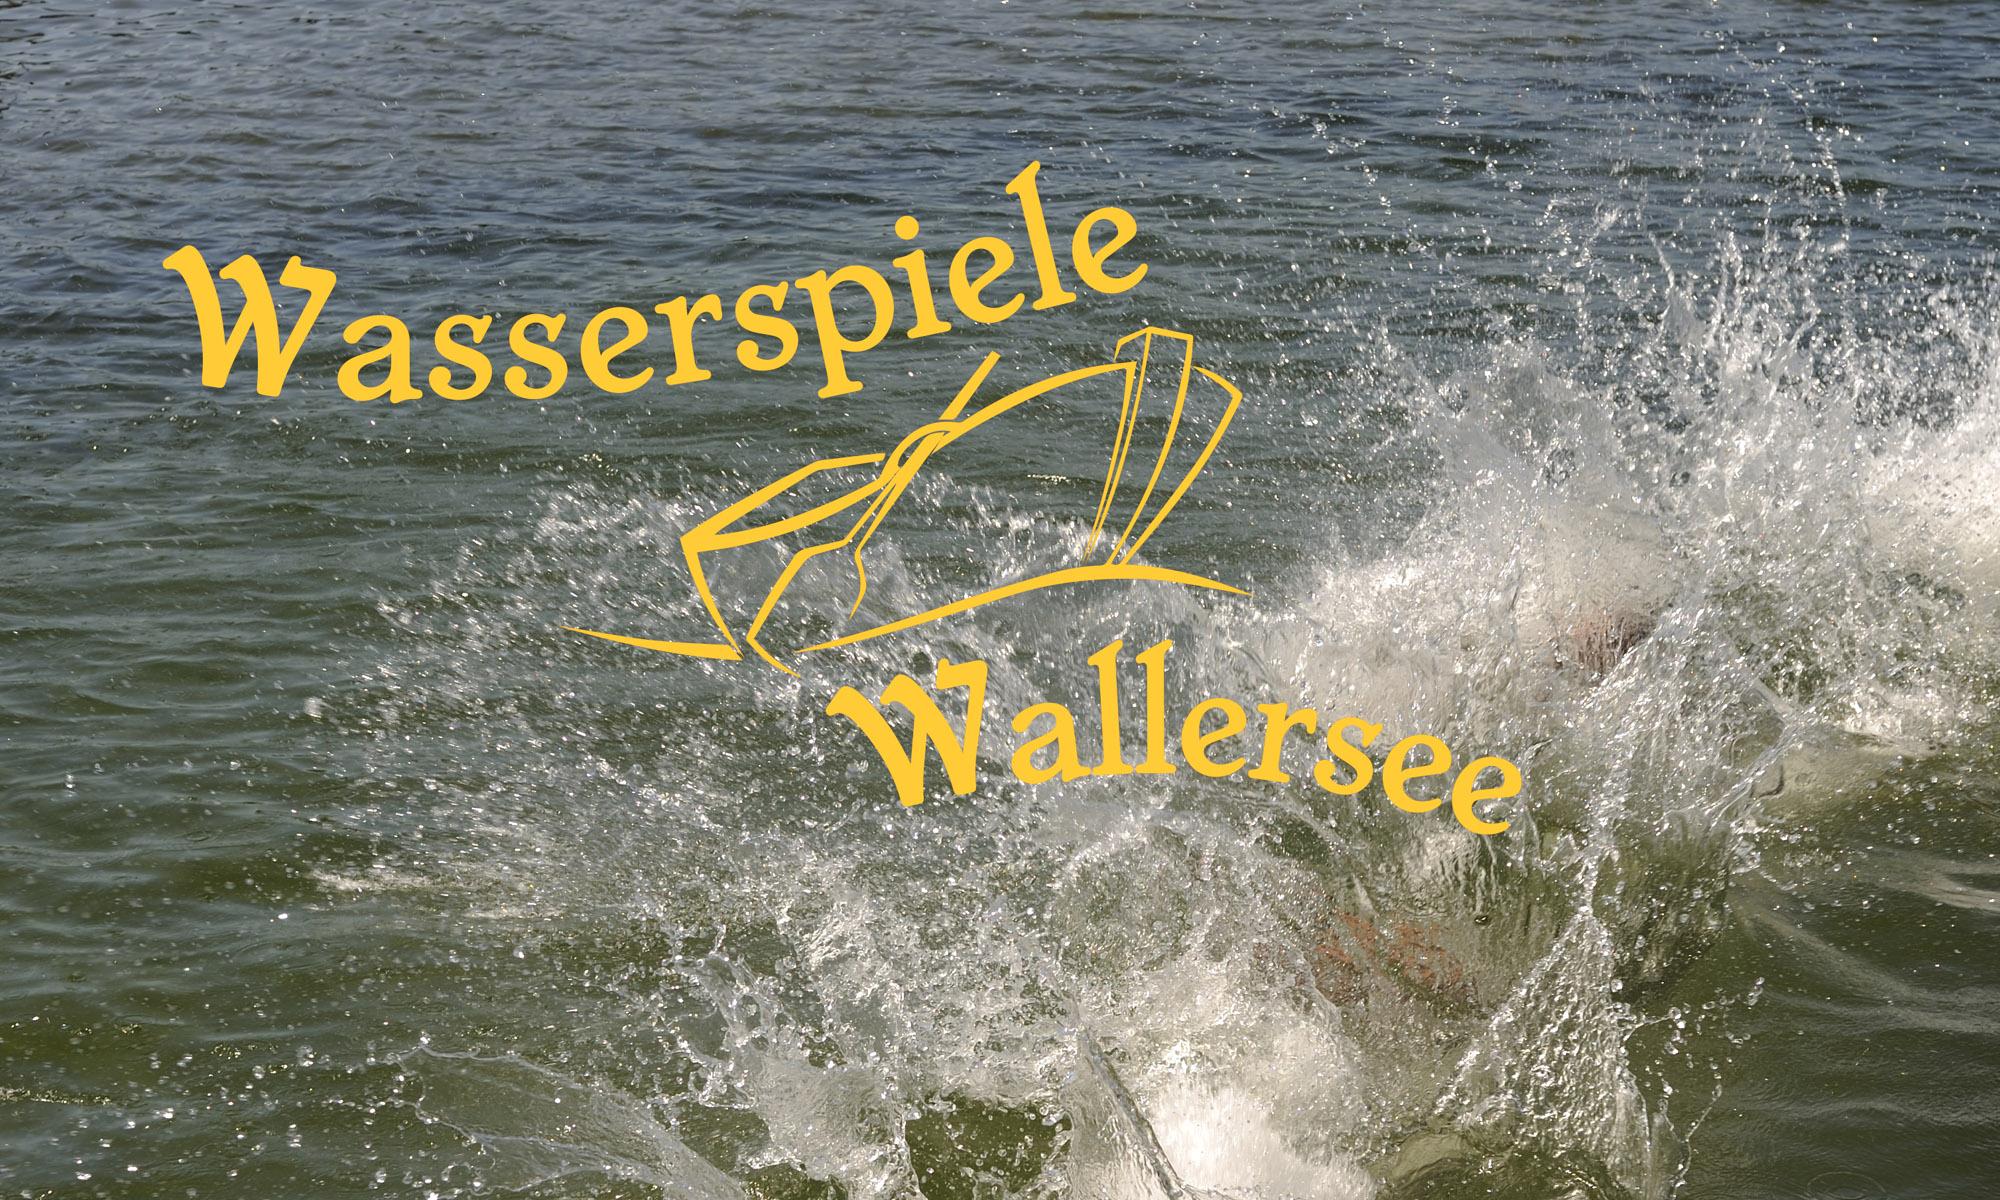 Wasserspiele Wallersee